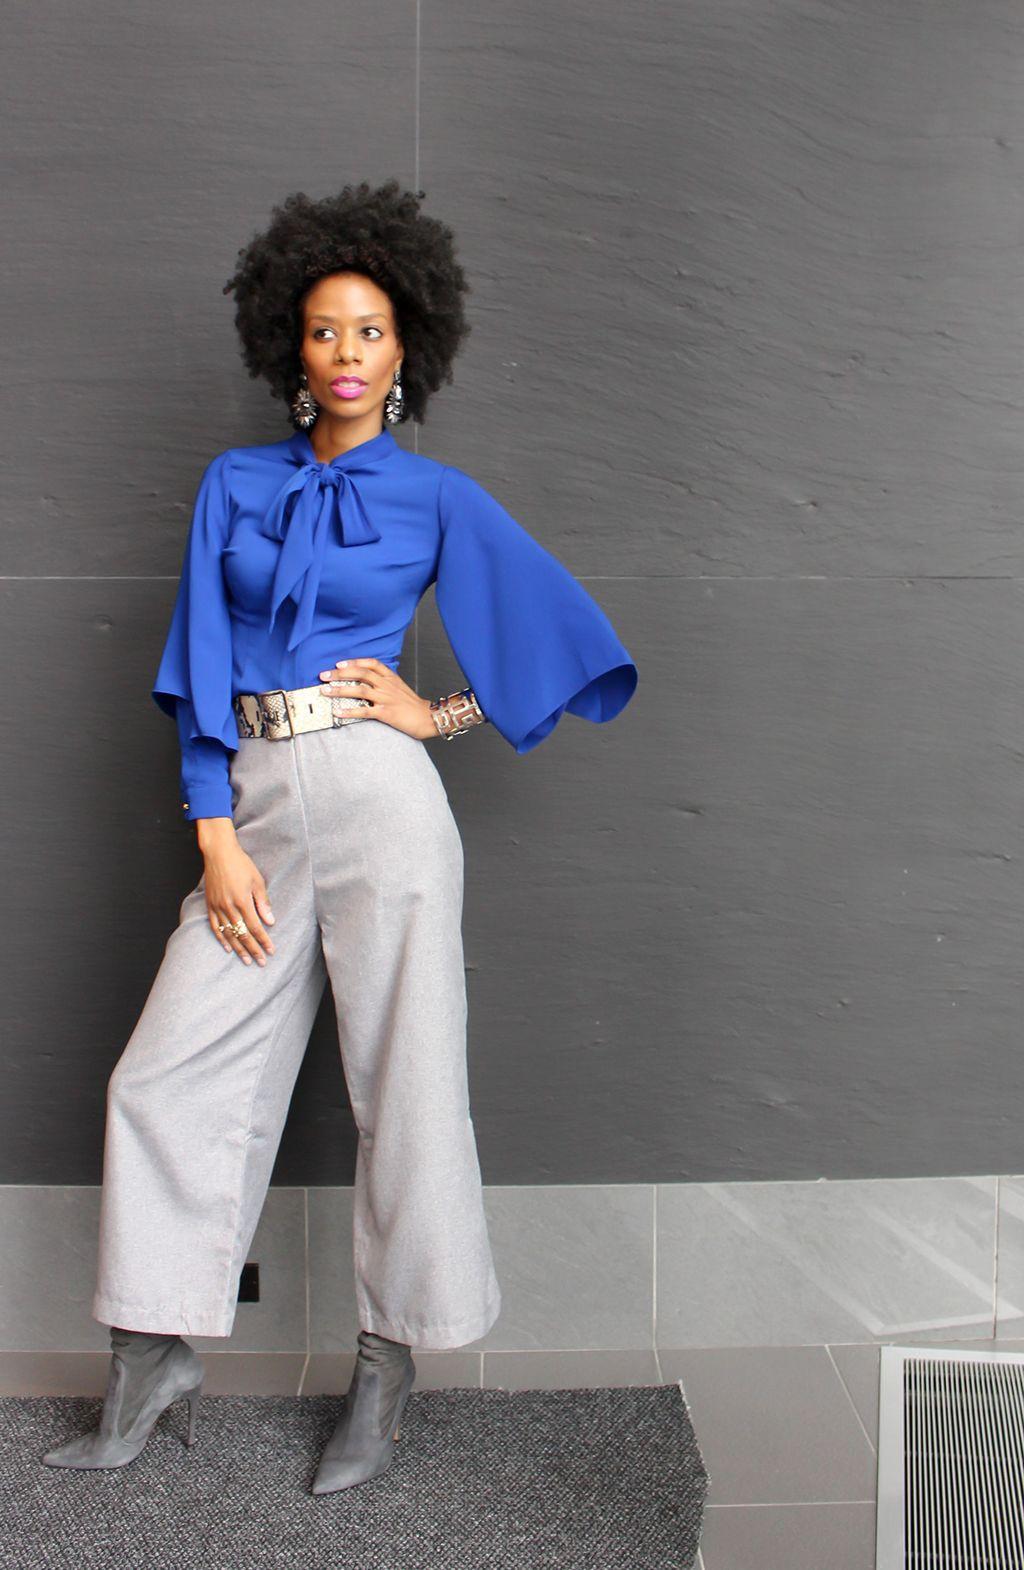 Fab Four Fashion: Ziza Boutique Part 2 #thefabfourfashion #zizaboutique #tallwomensclothing